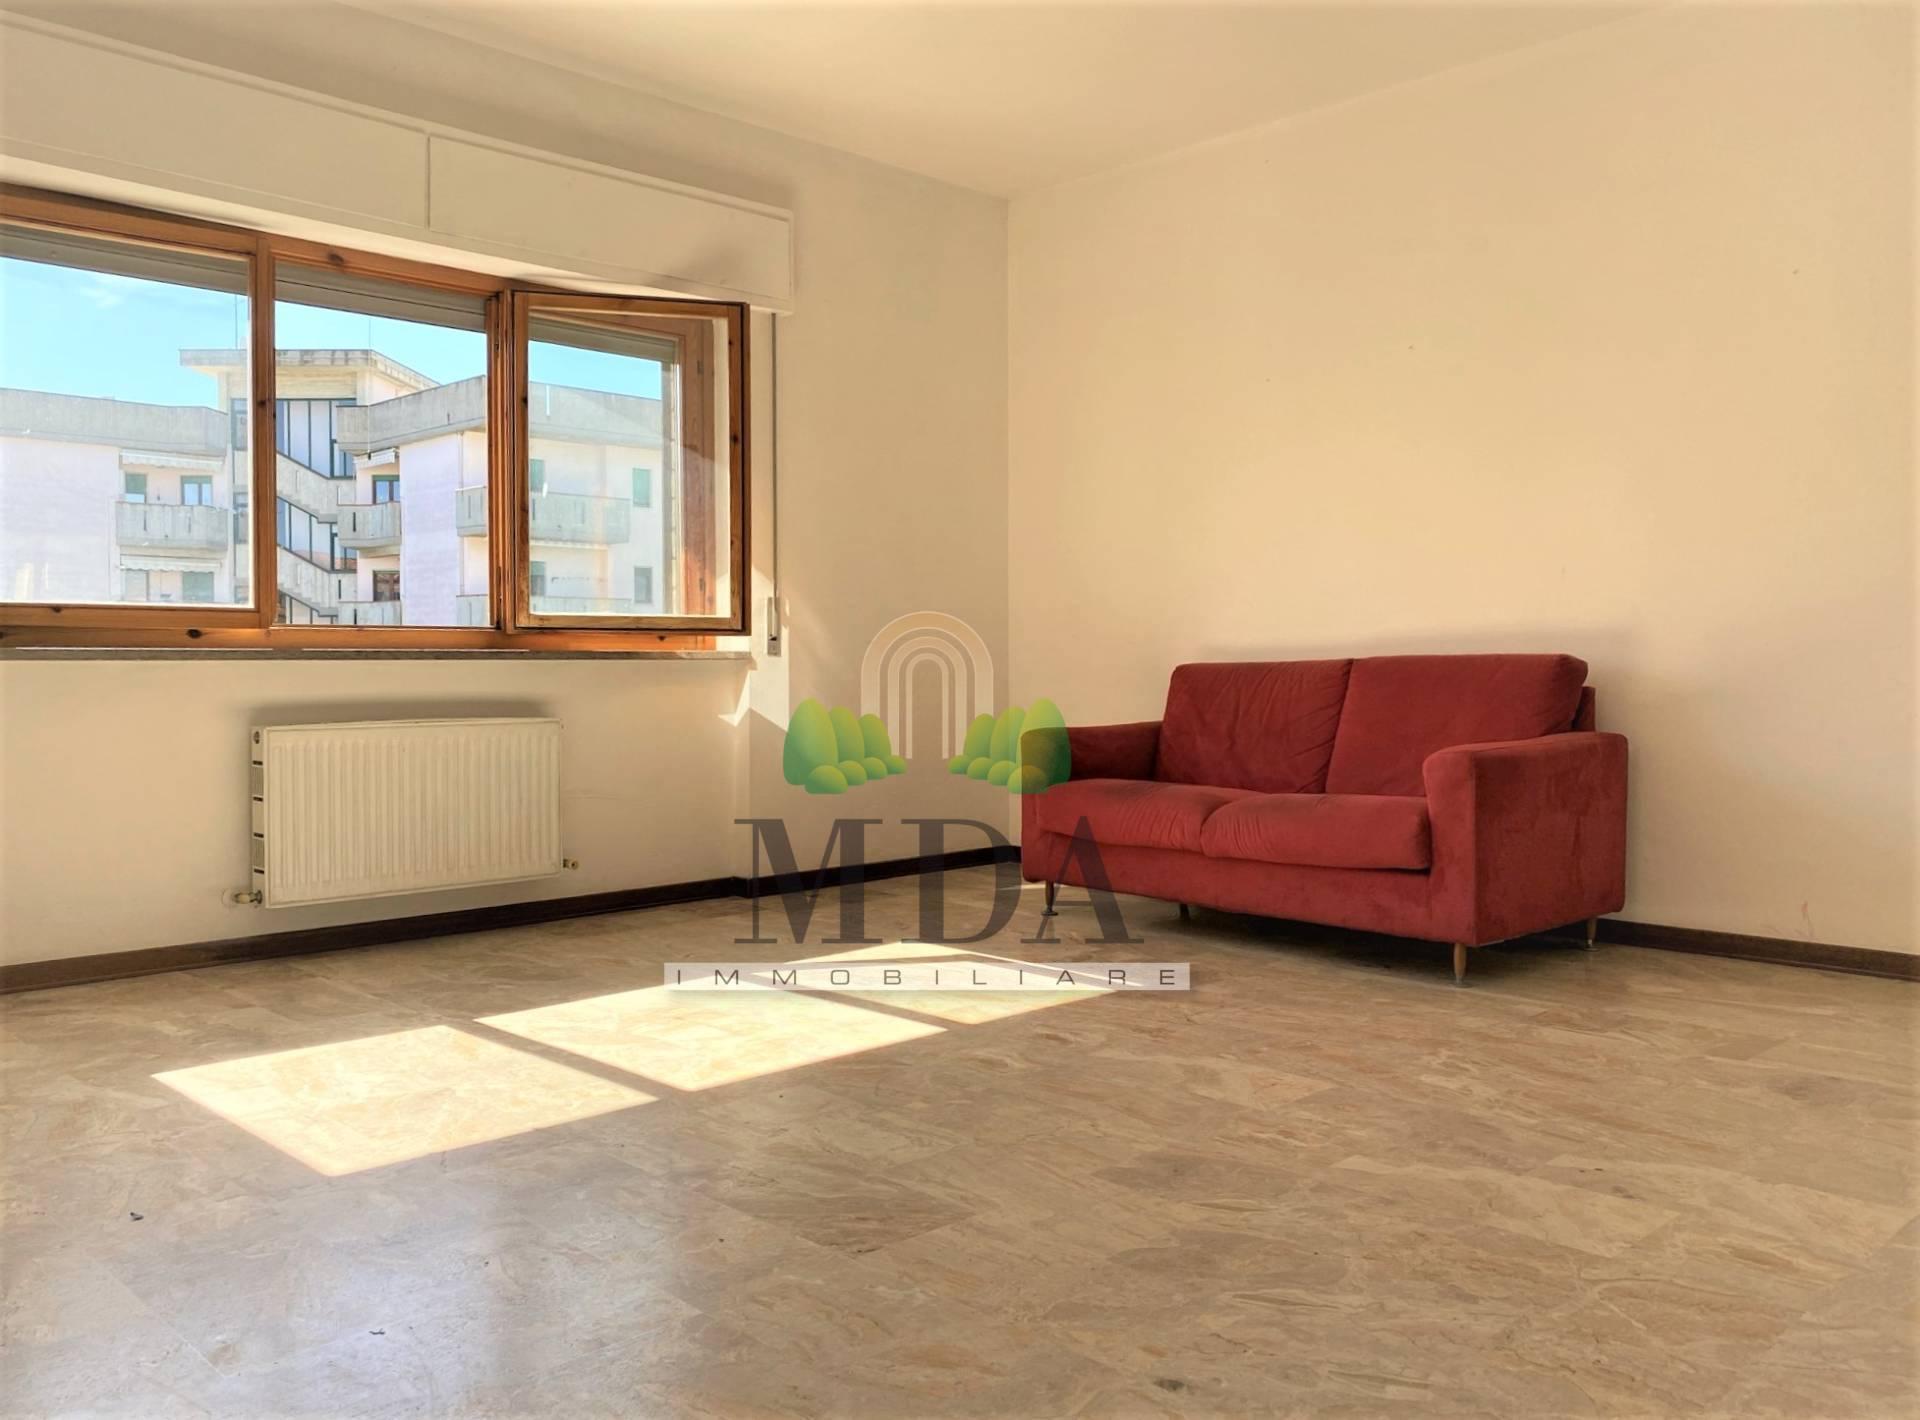 Appartamento in vendita a Sant'Omero, 5 locali, zona Località: Garrufo, prezzo € 68.000   PortaleAgenzieImmobiliari.it